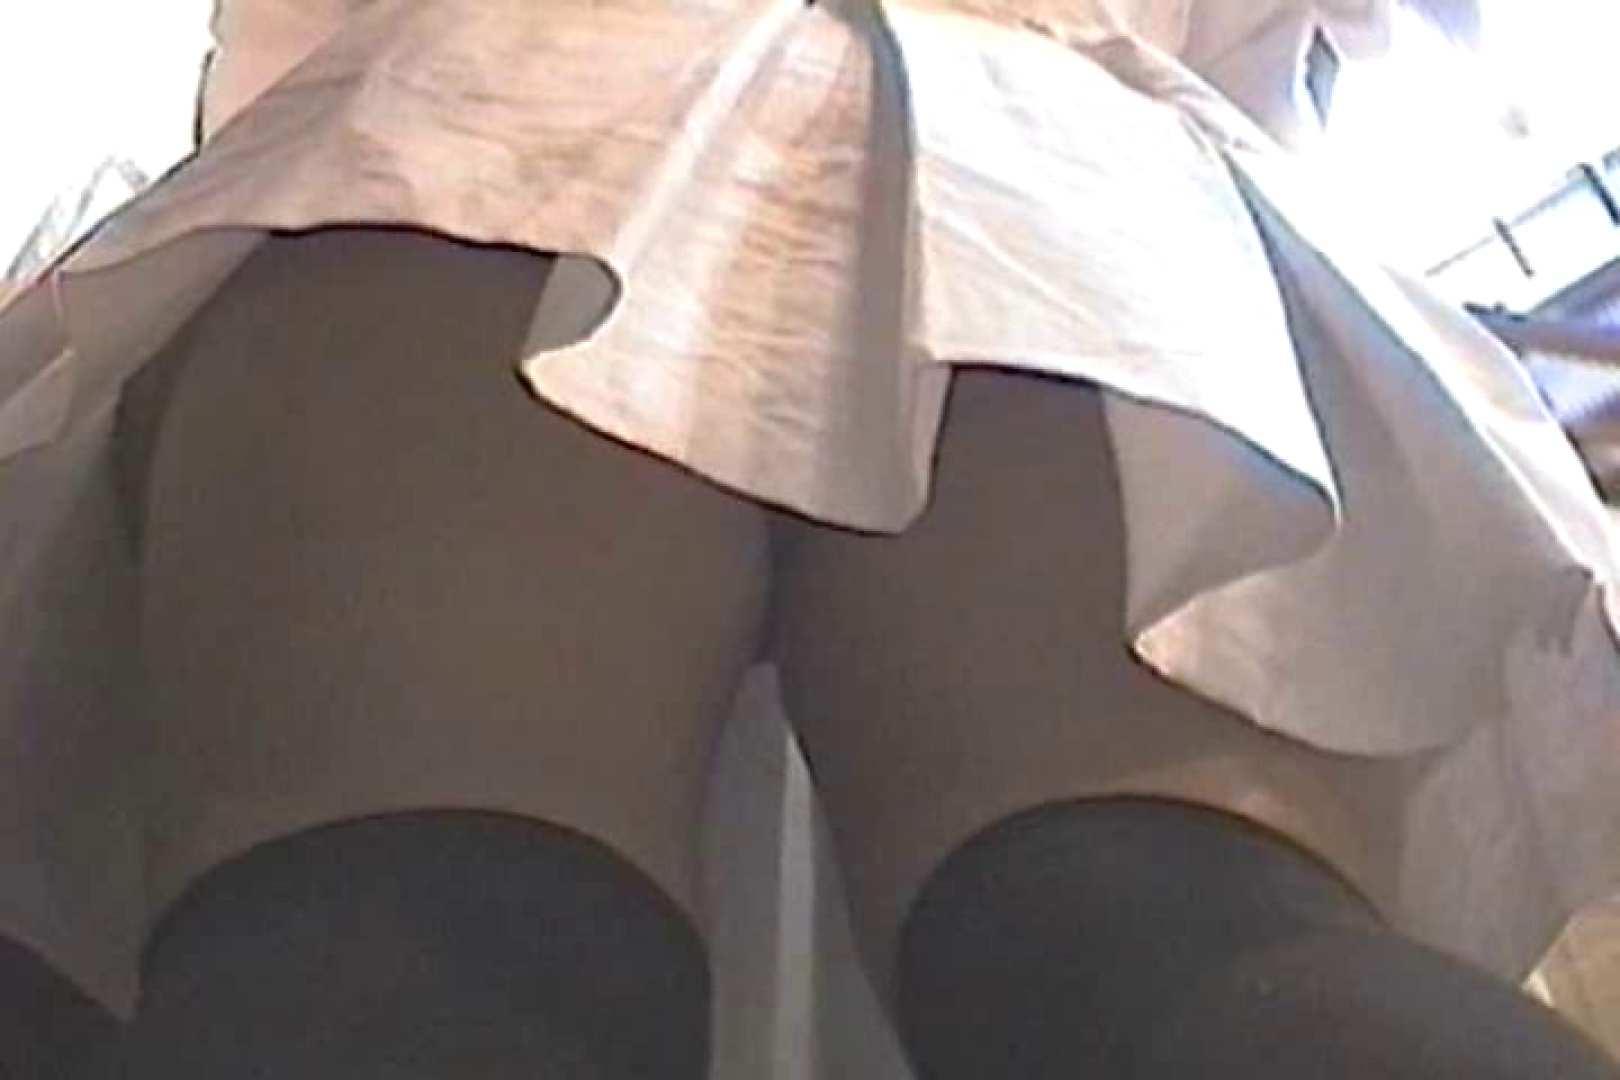 パンツ舞うコミックマーケットVol.5 パンツ大放出 隠し撮りセックス画像 55pic 39